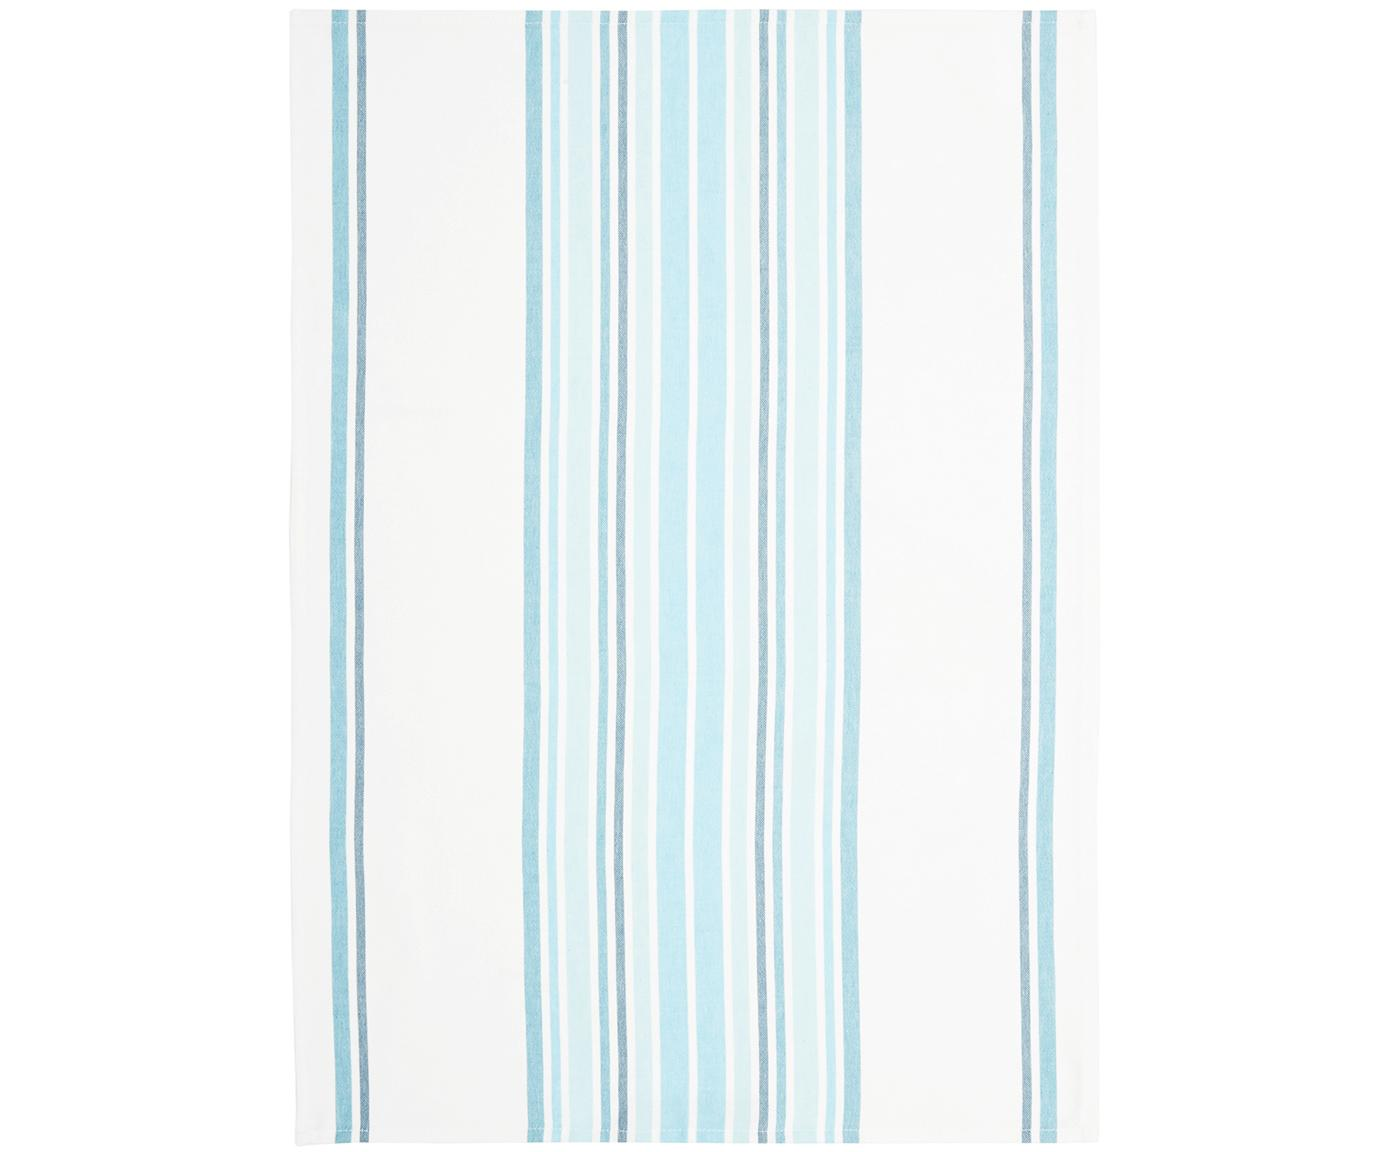 Theedoeken Katie, 2 stuks, Katoen, Wit, blauw, 50 x 70 cm